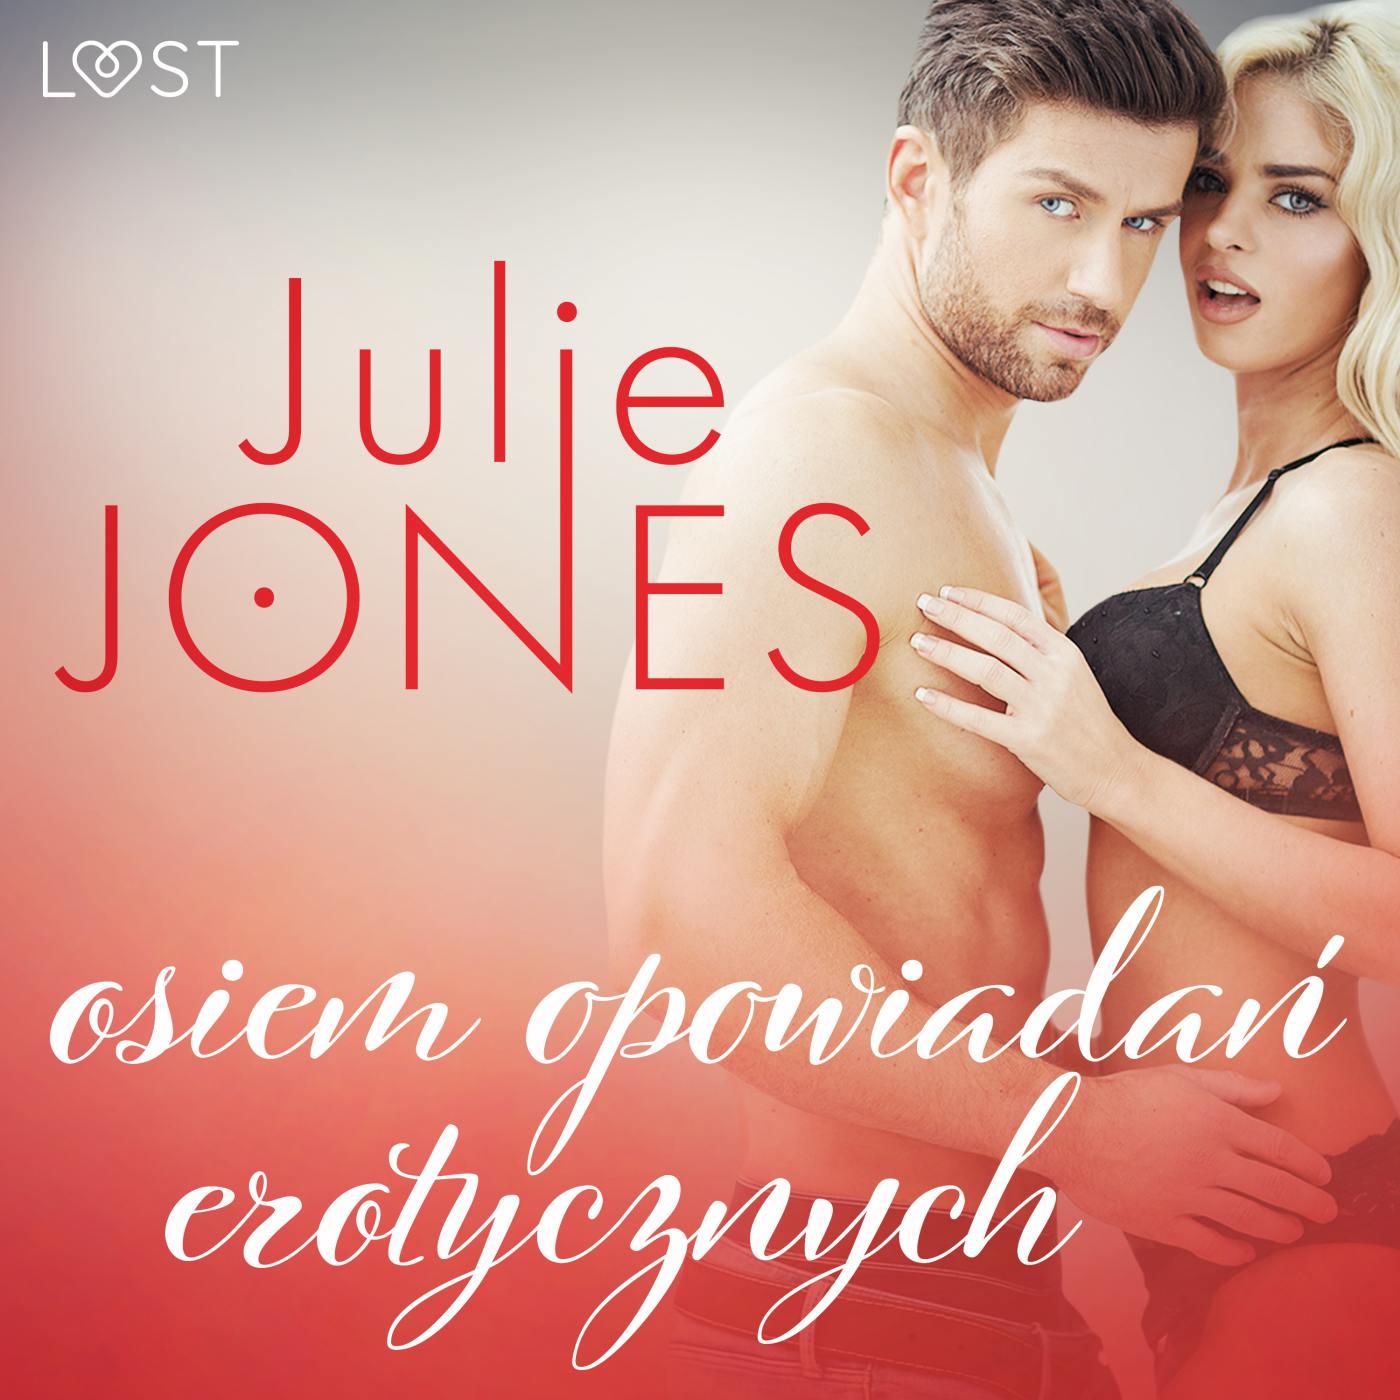 Julie Jones: osiem opowiadań erotycznych - Audiobook (Książka audio MP3) do pobrania w całości w archiwum ZIP